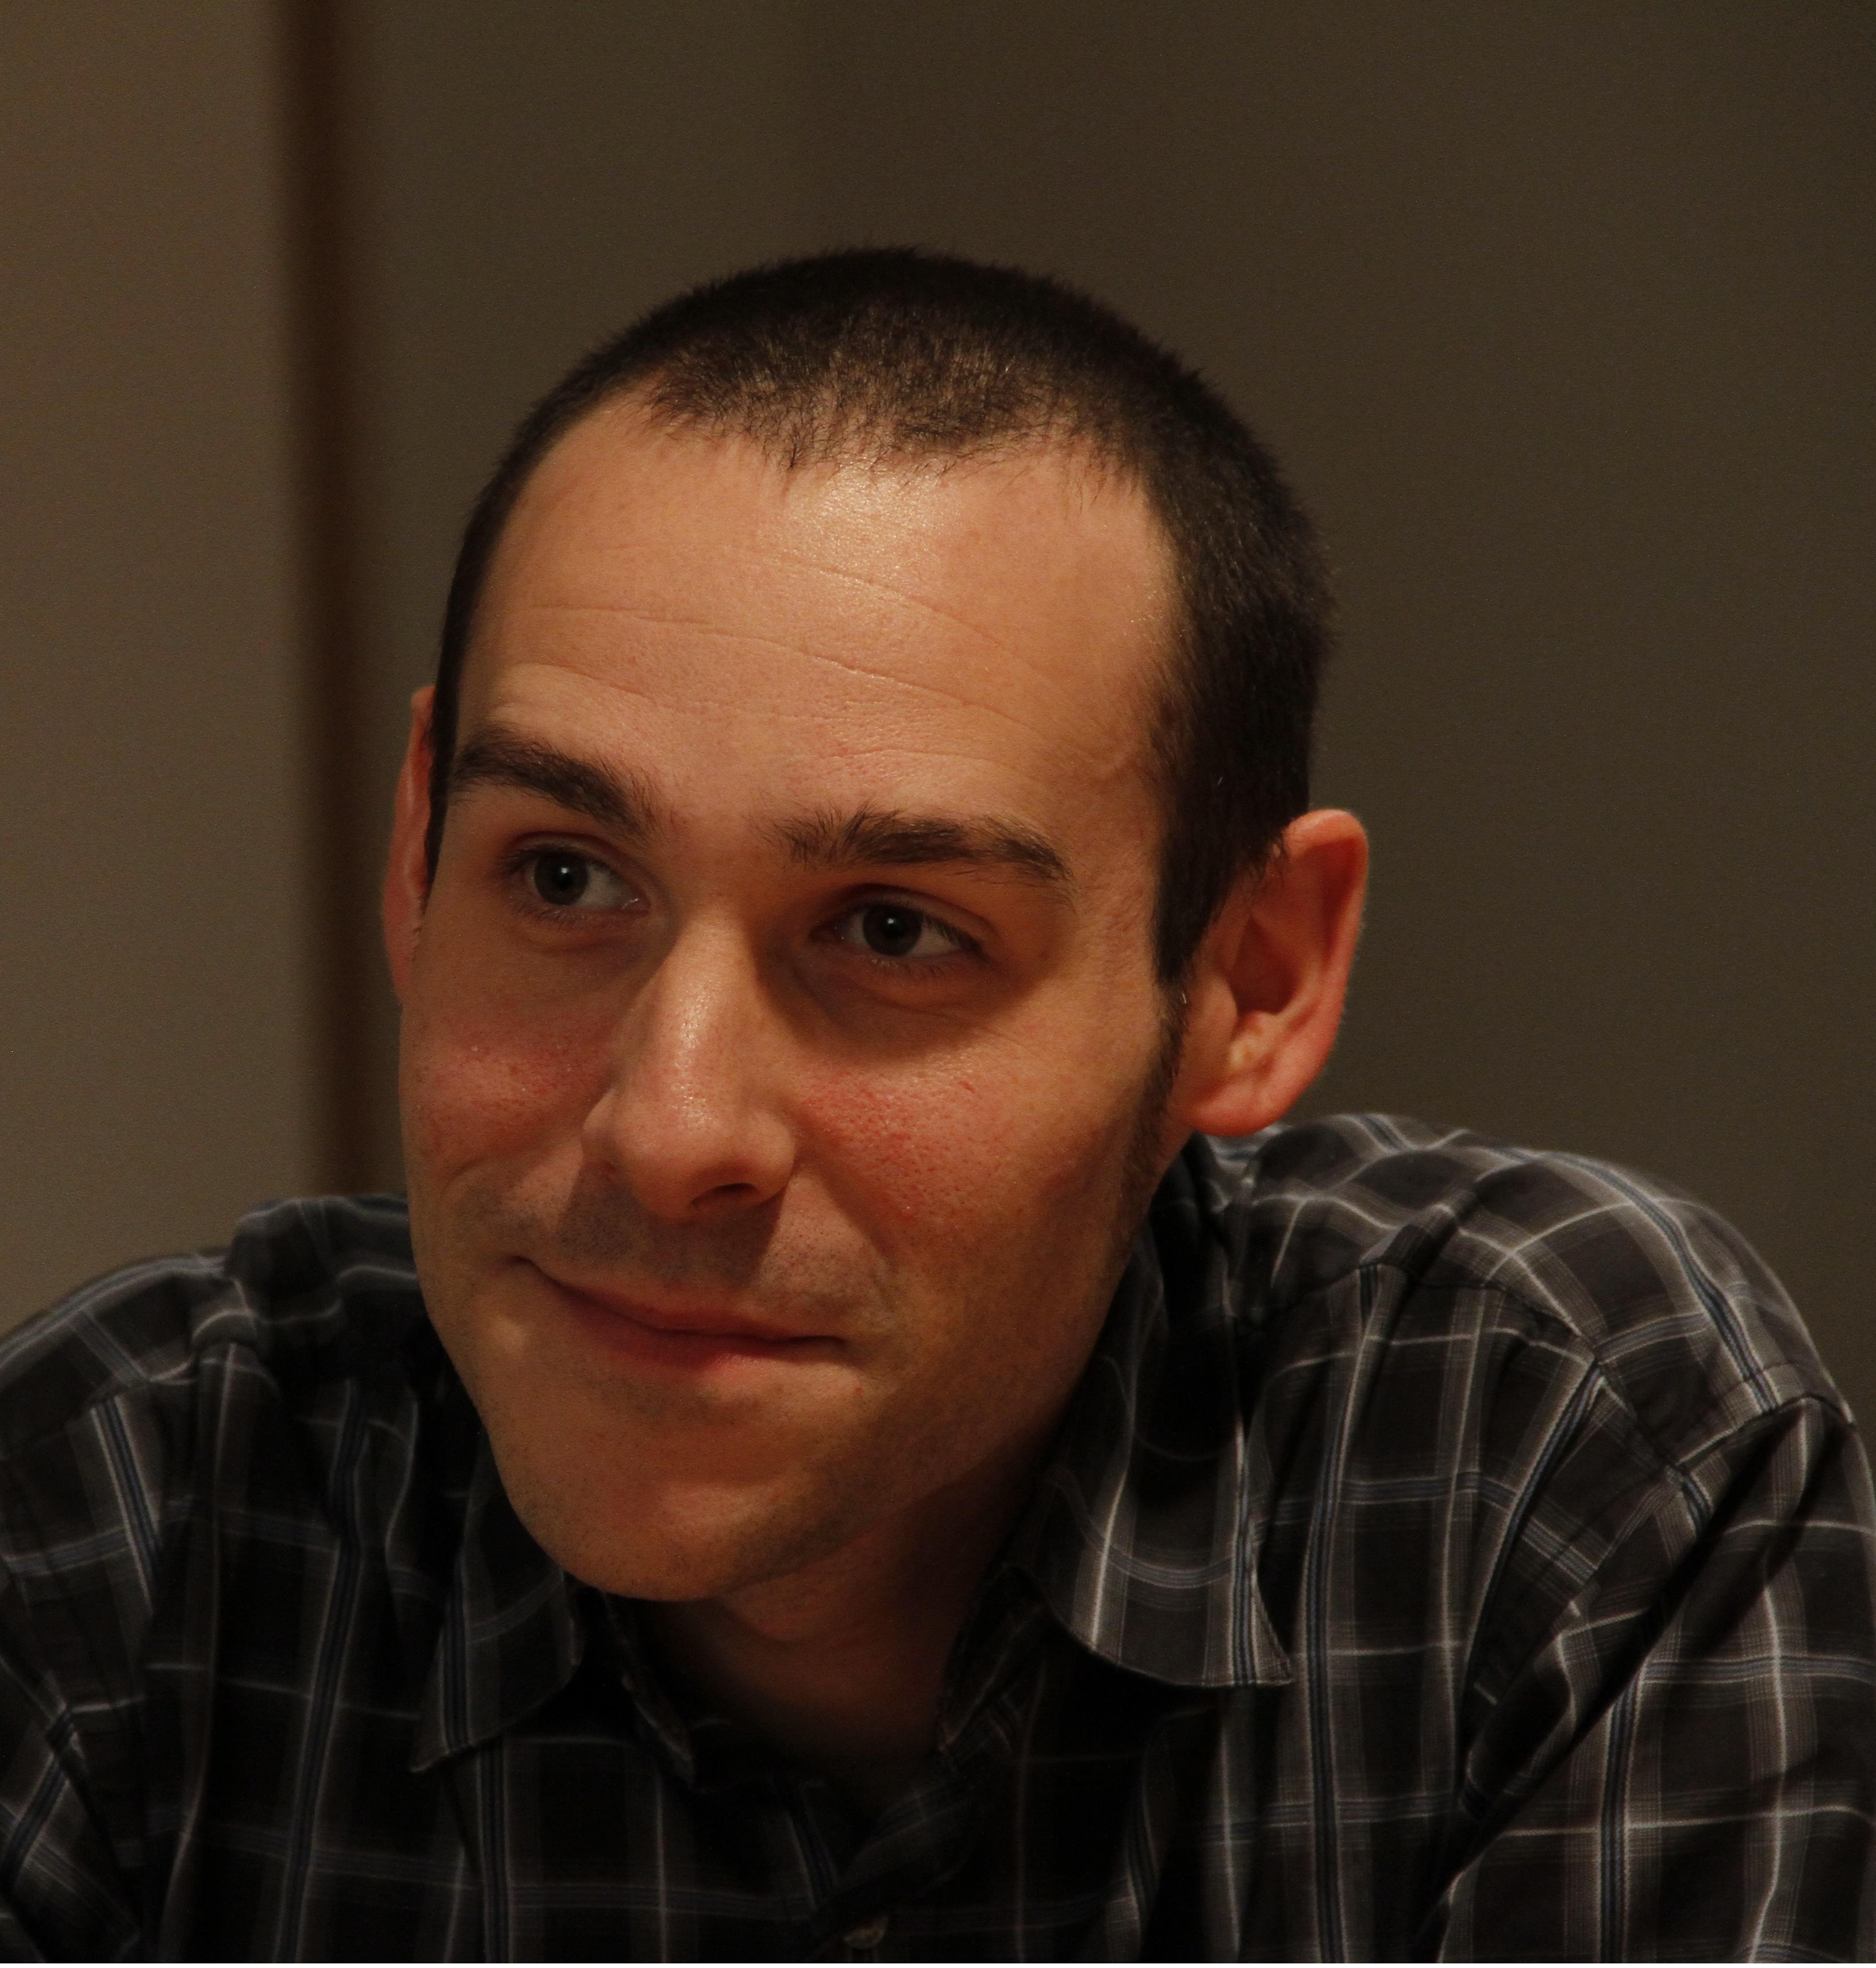 Jon Haitz Legarreta Gorroño